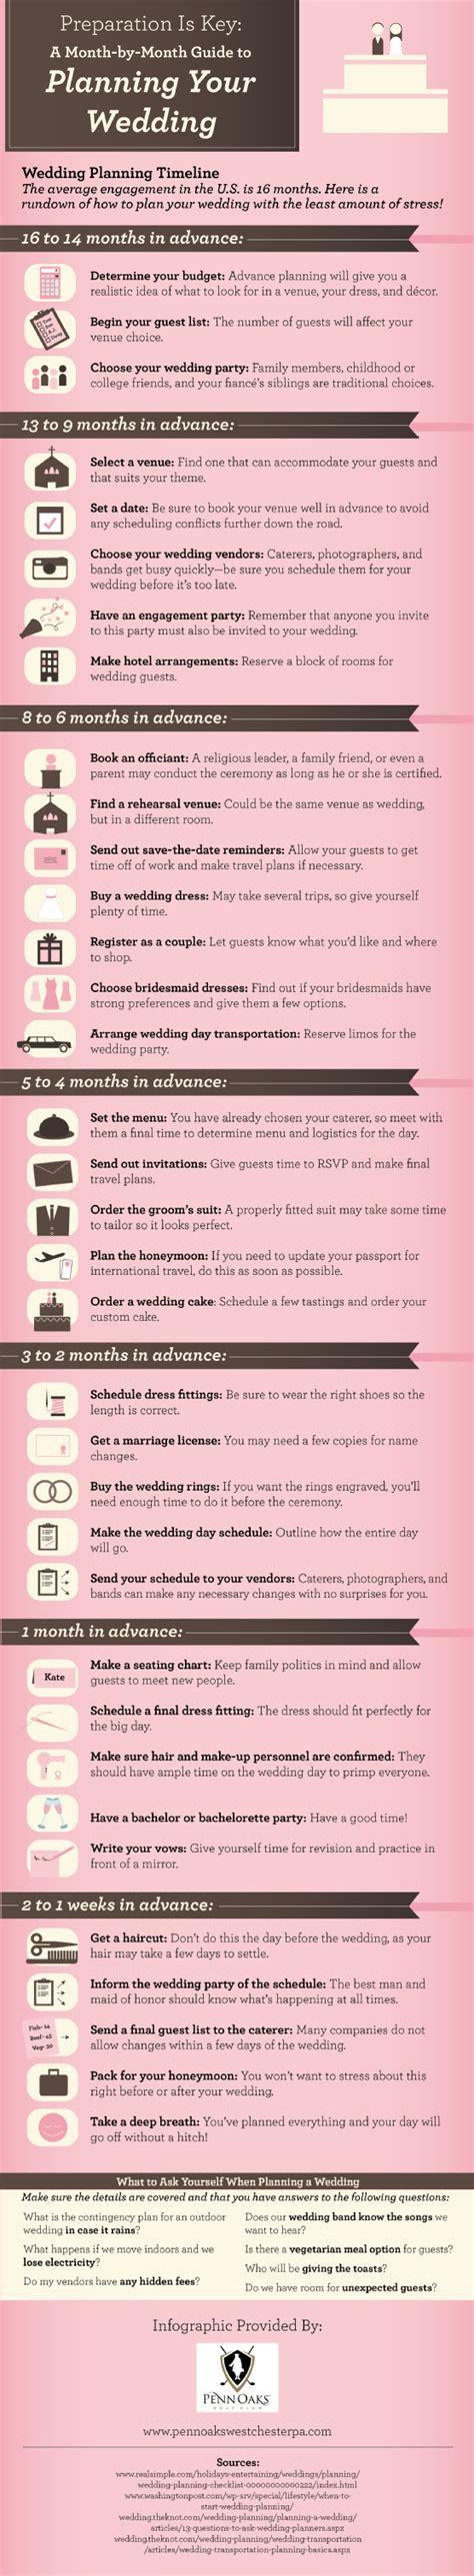 6 month wedding timeline oyle kalakaari co